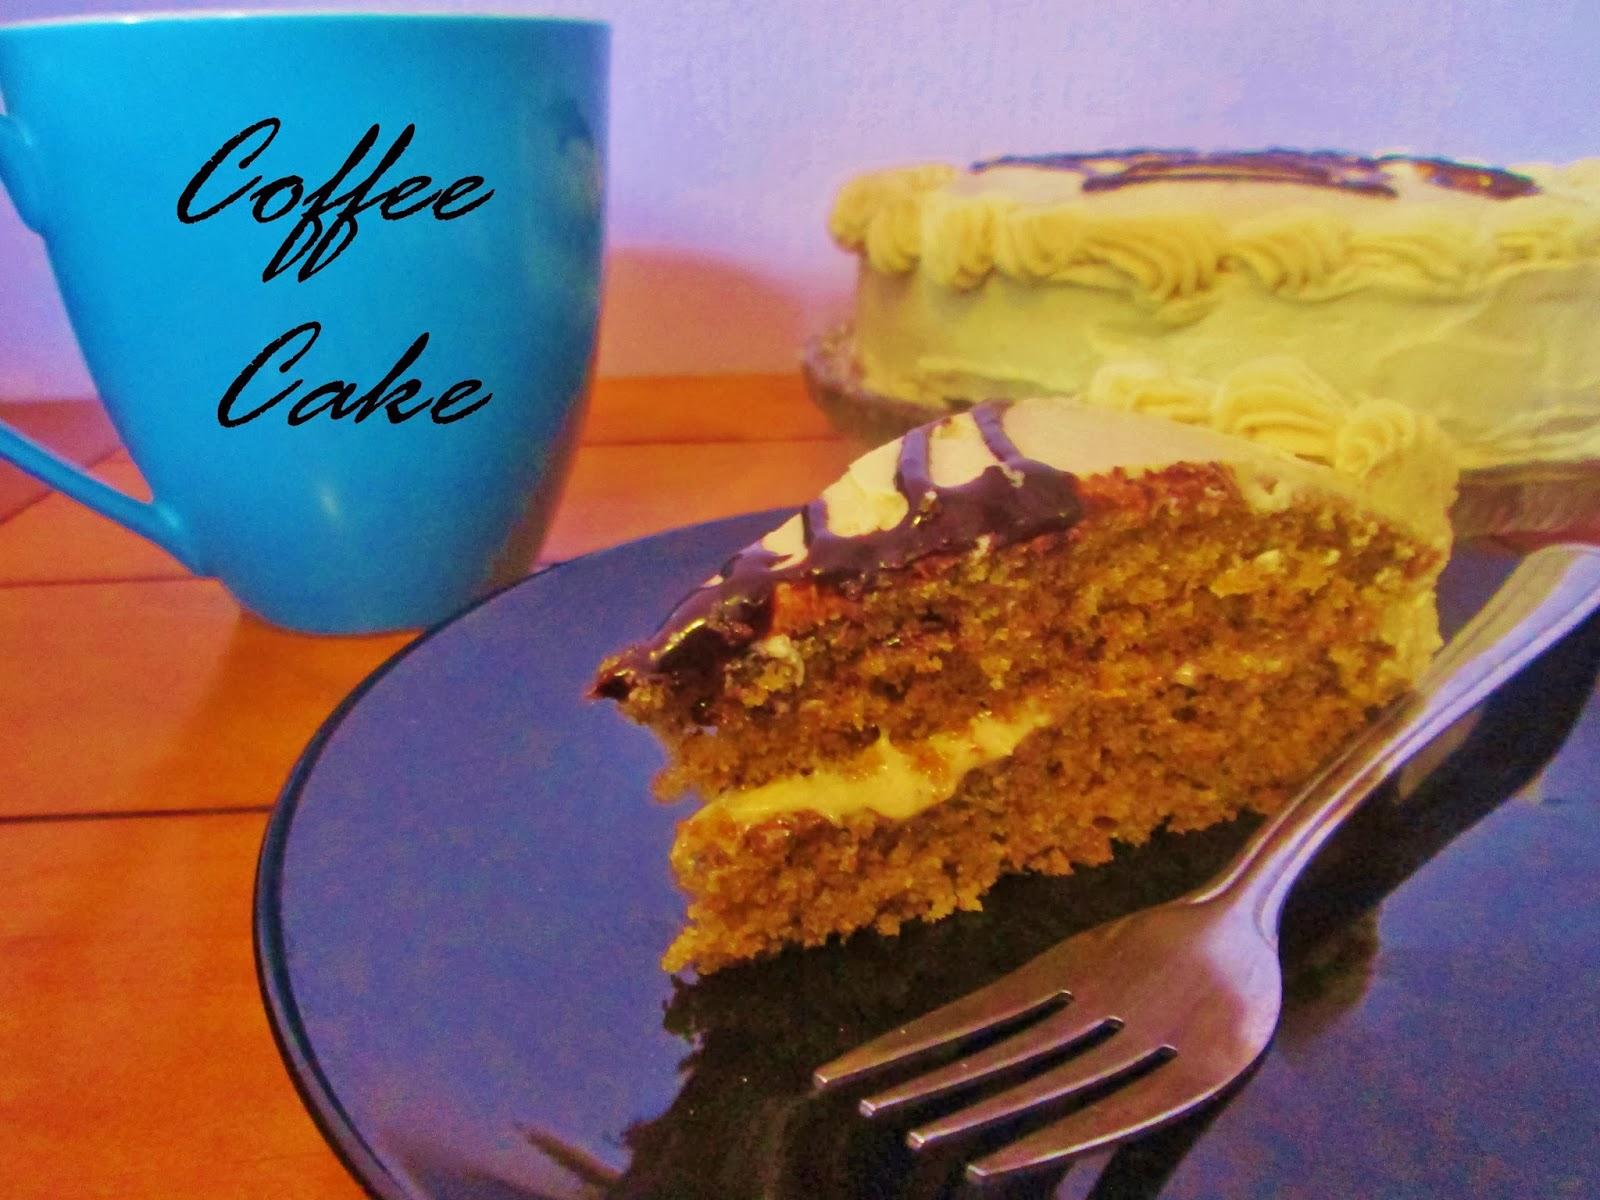 http://themessykitchenuk.blogspot.co.uk/2013/10/coffee-cake.html